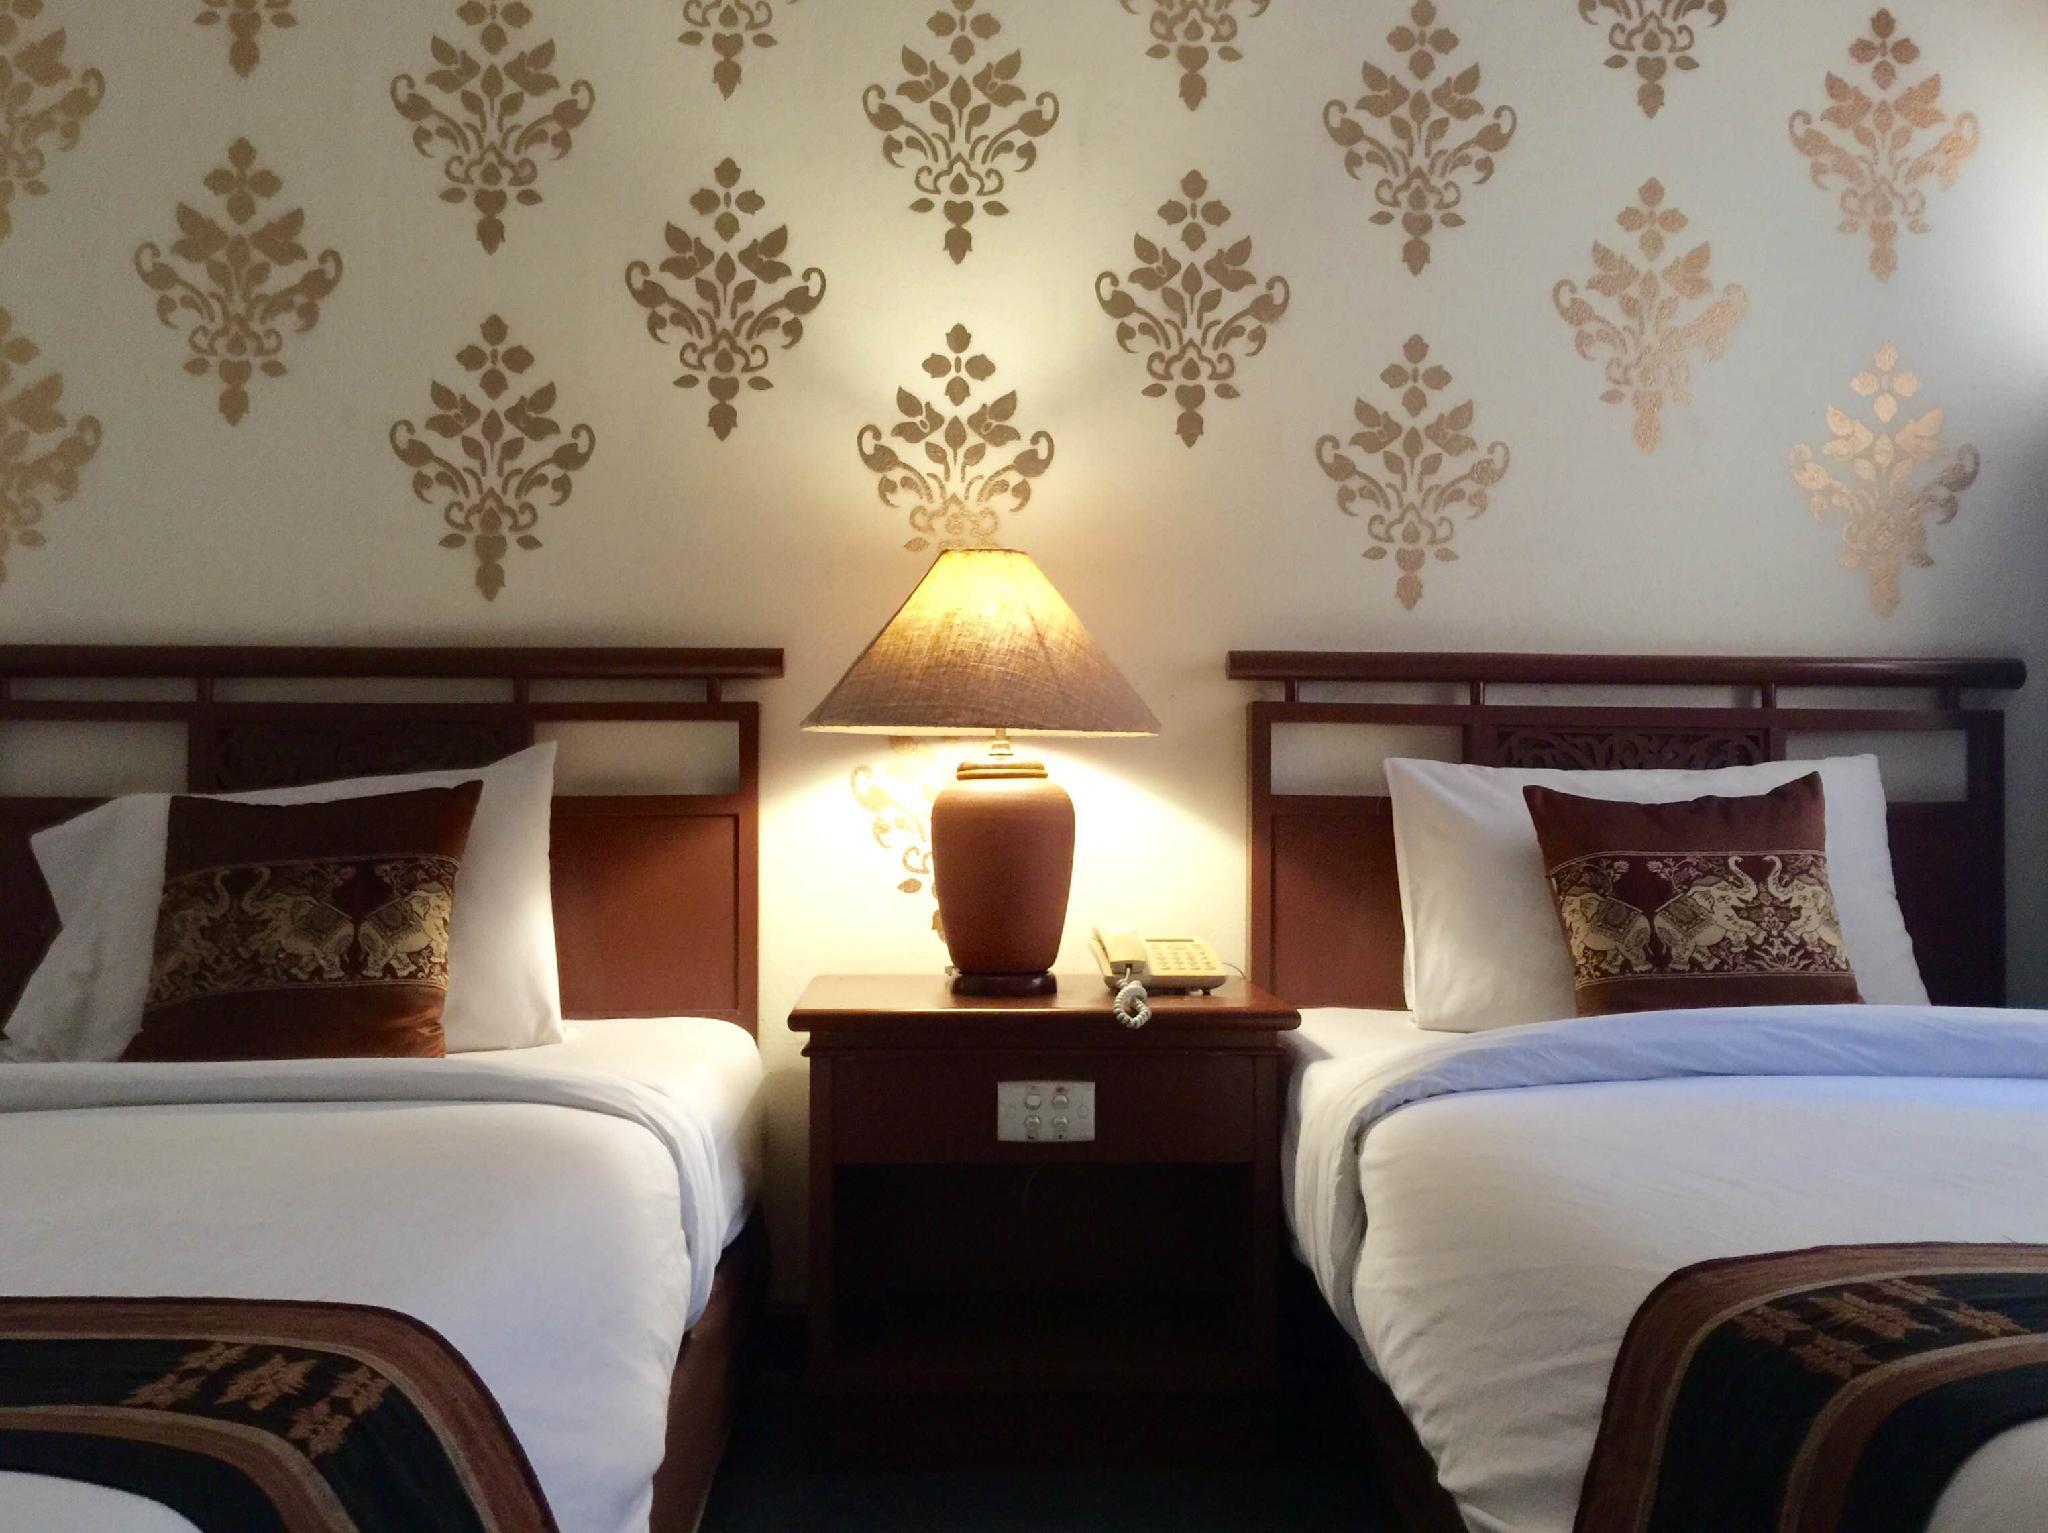 Pantip รีวิว โรงแรมท่าแพเพลซ ลดกระหน่ำ